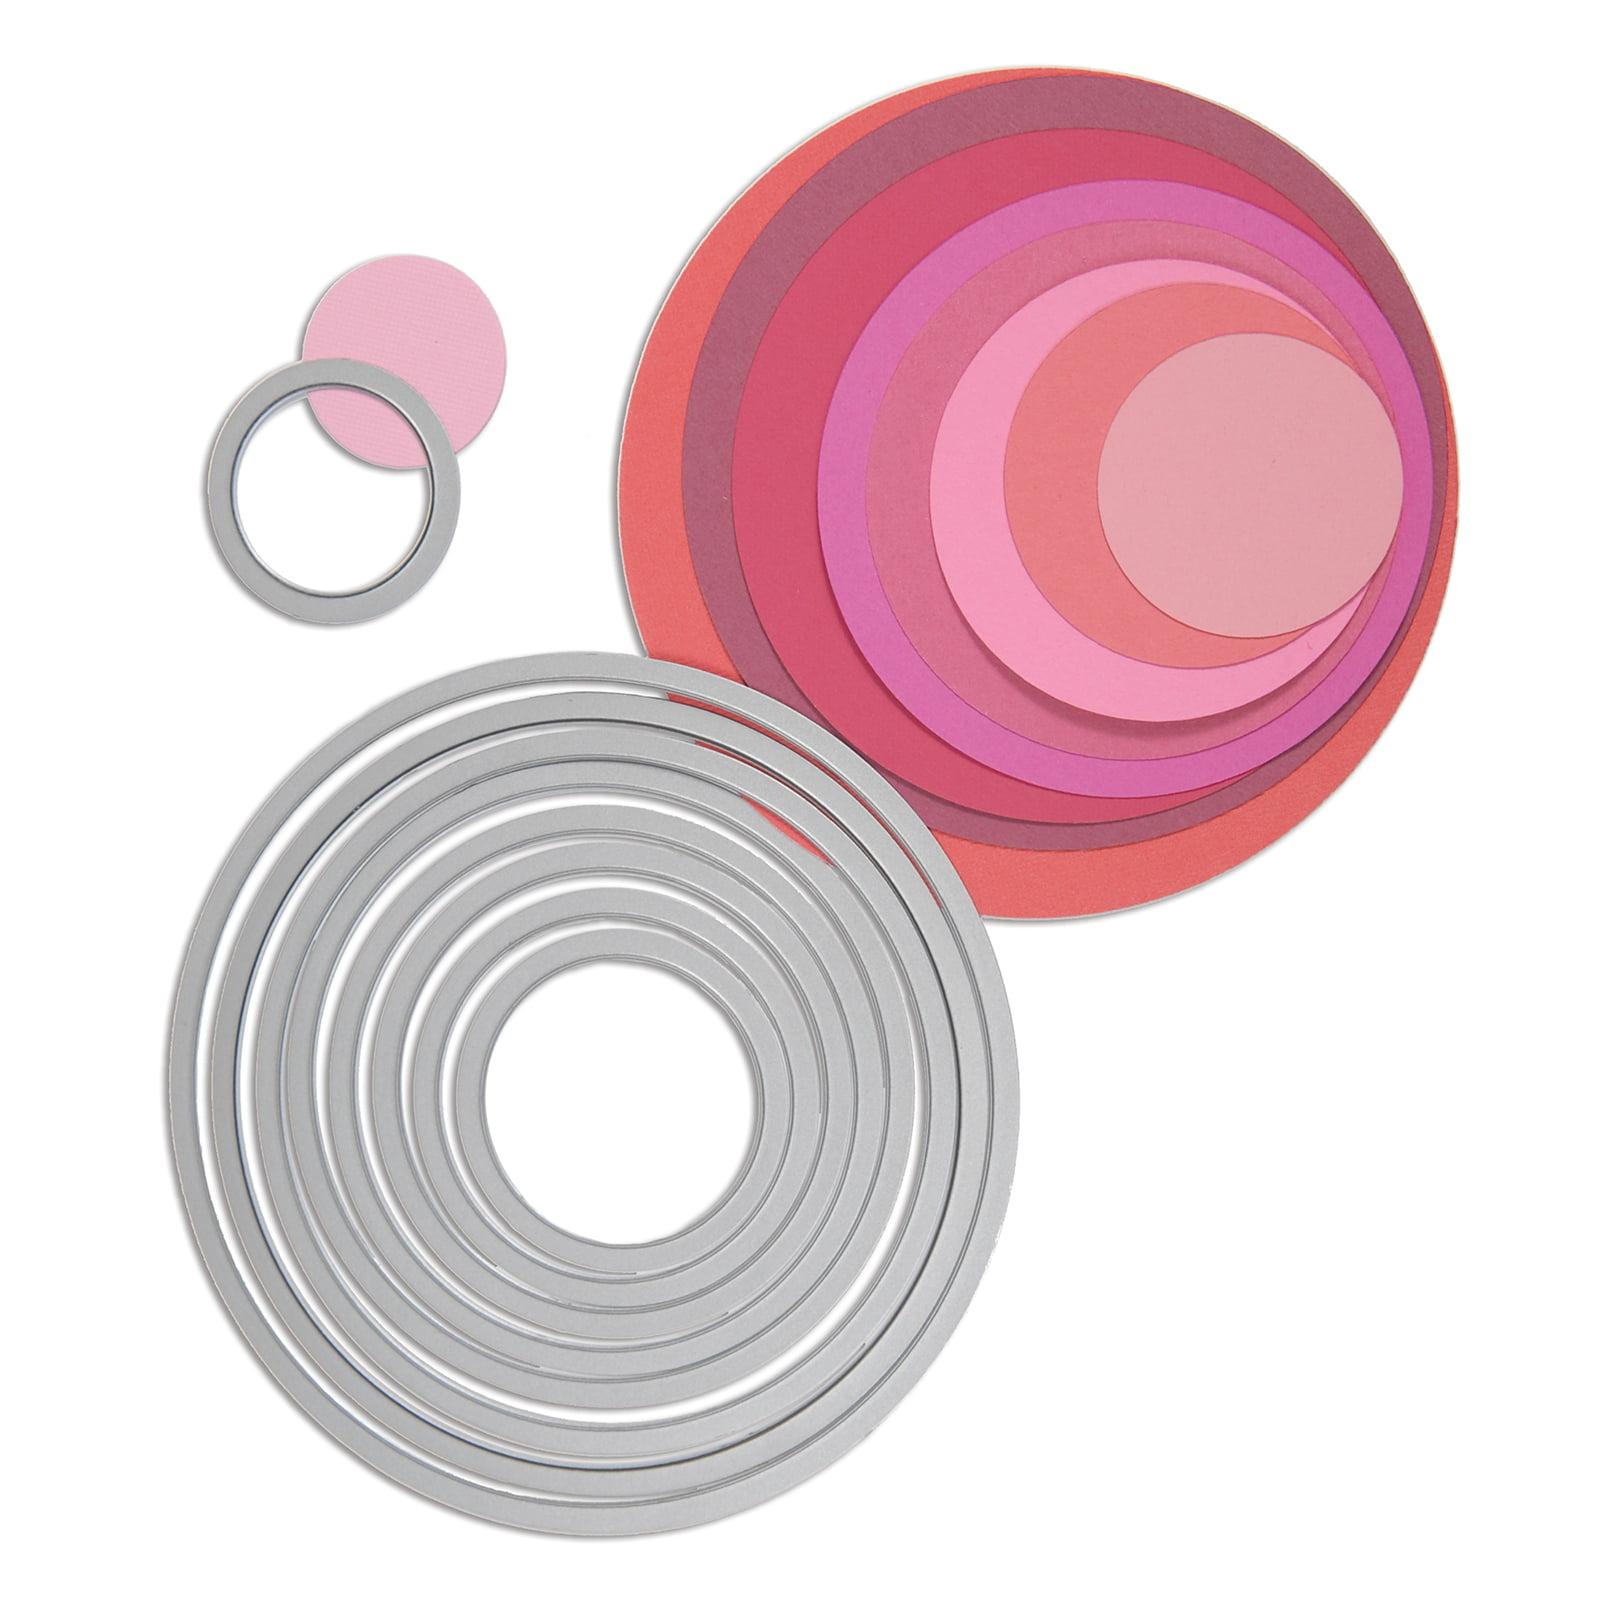 Sizzix Framelits Dies - Circles